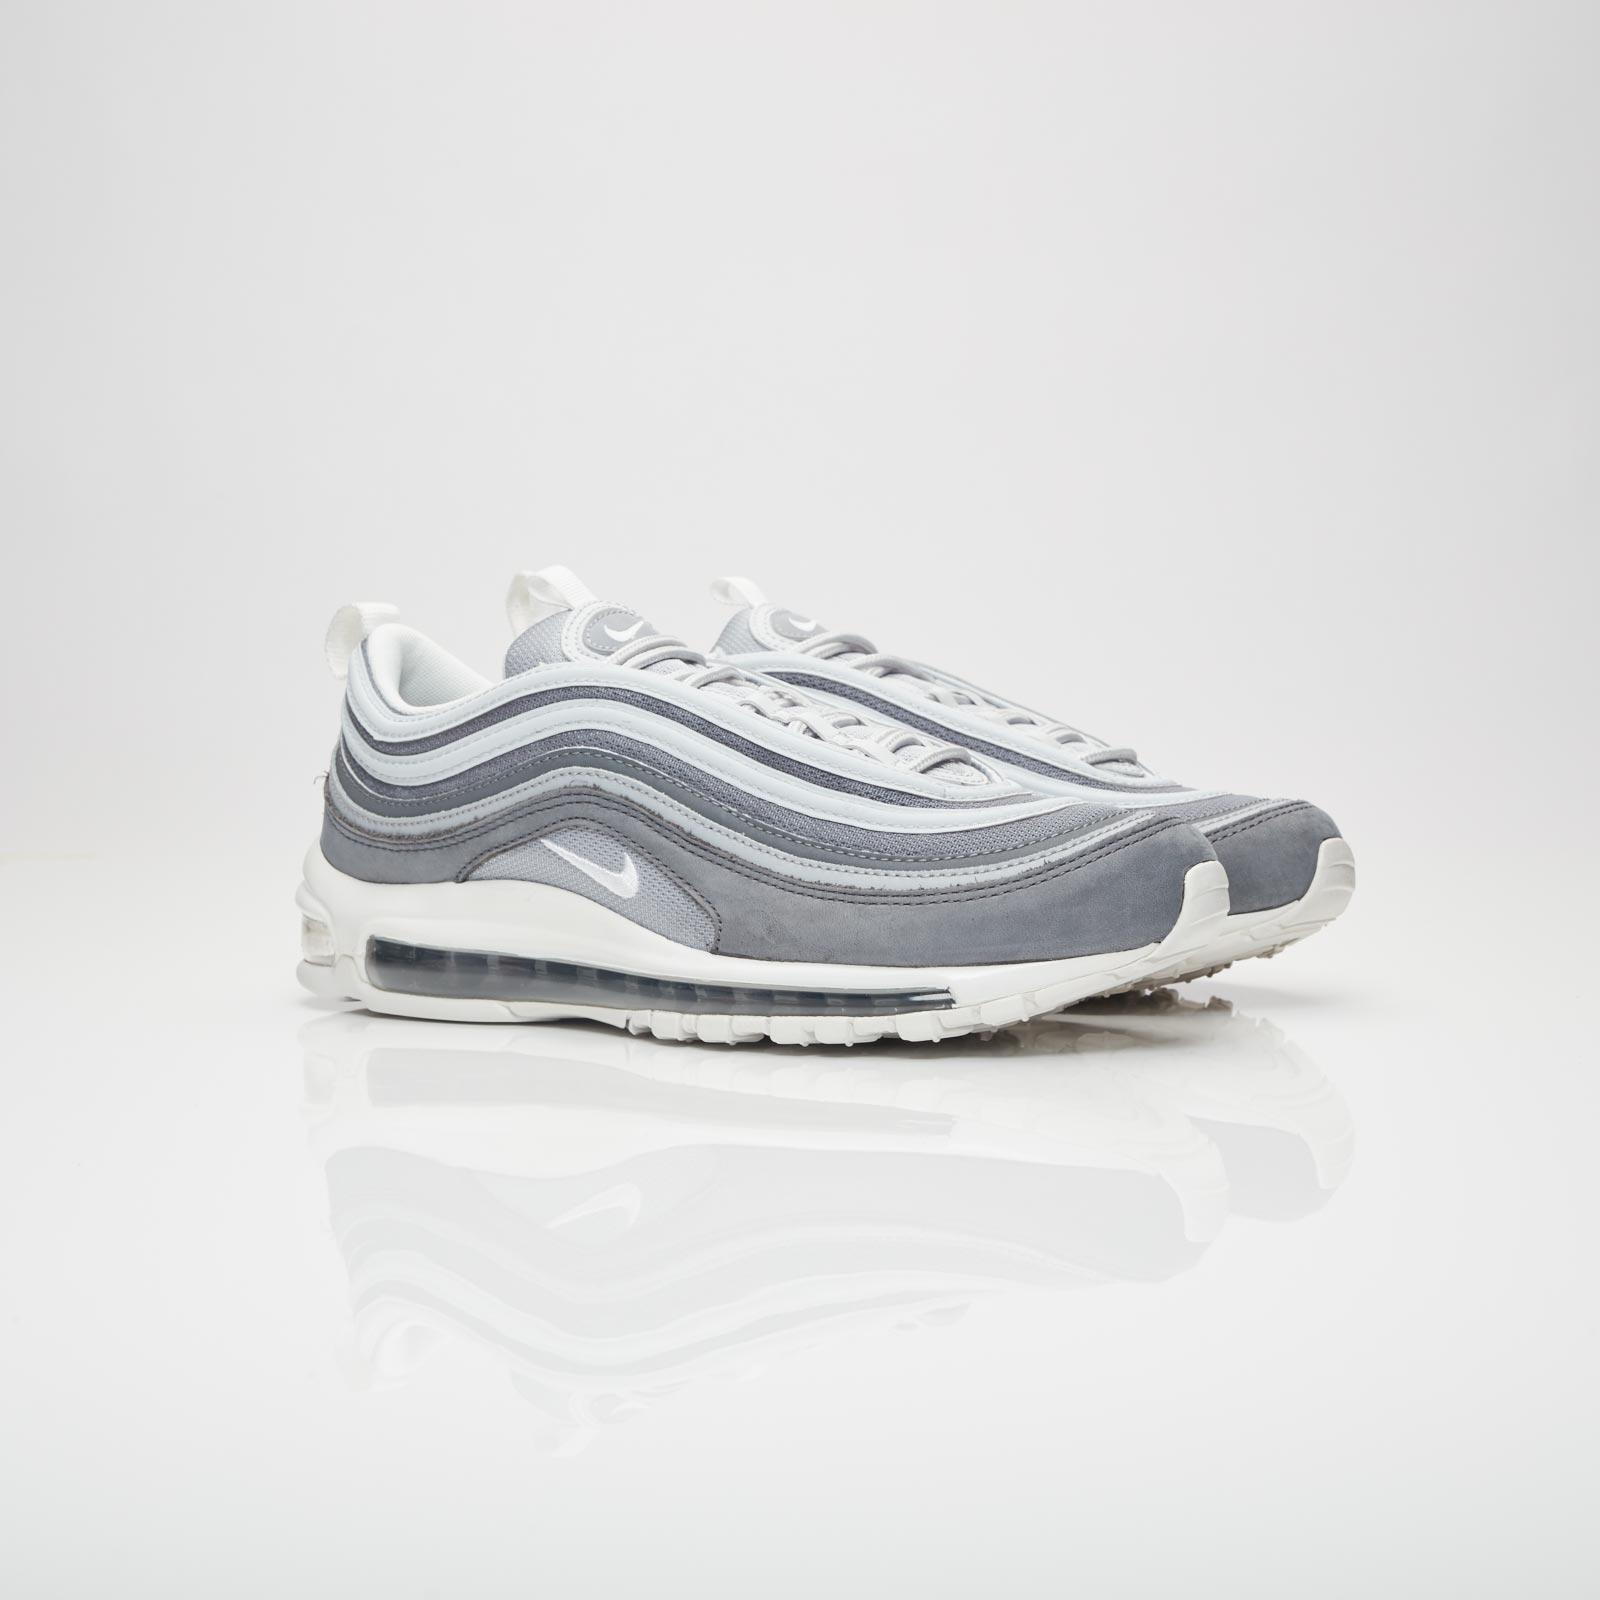 Nike Air Max 97 Premium - 312834-005 - Sneakersnstuff  d97ef76885eb